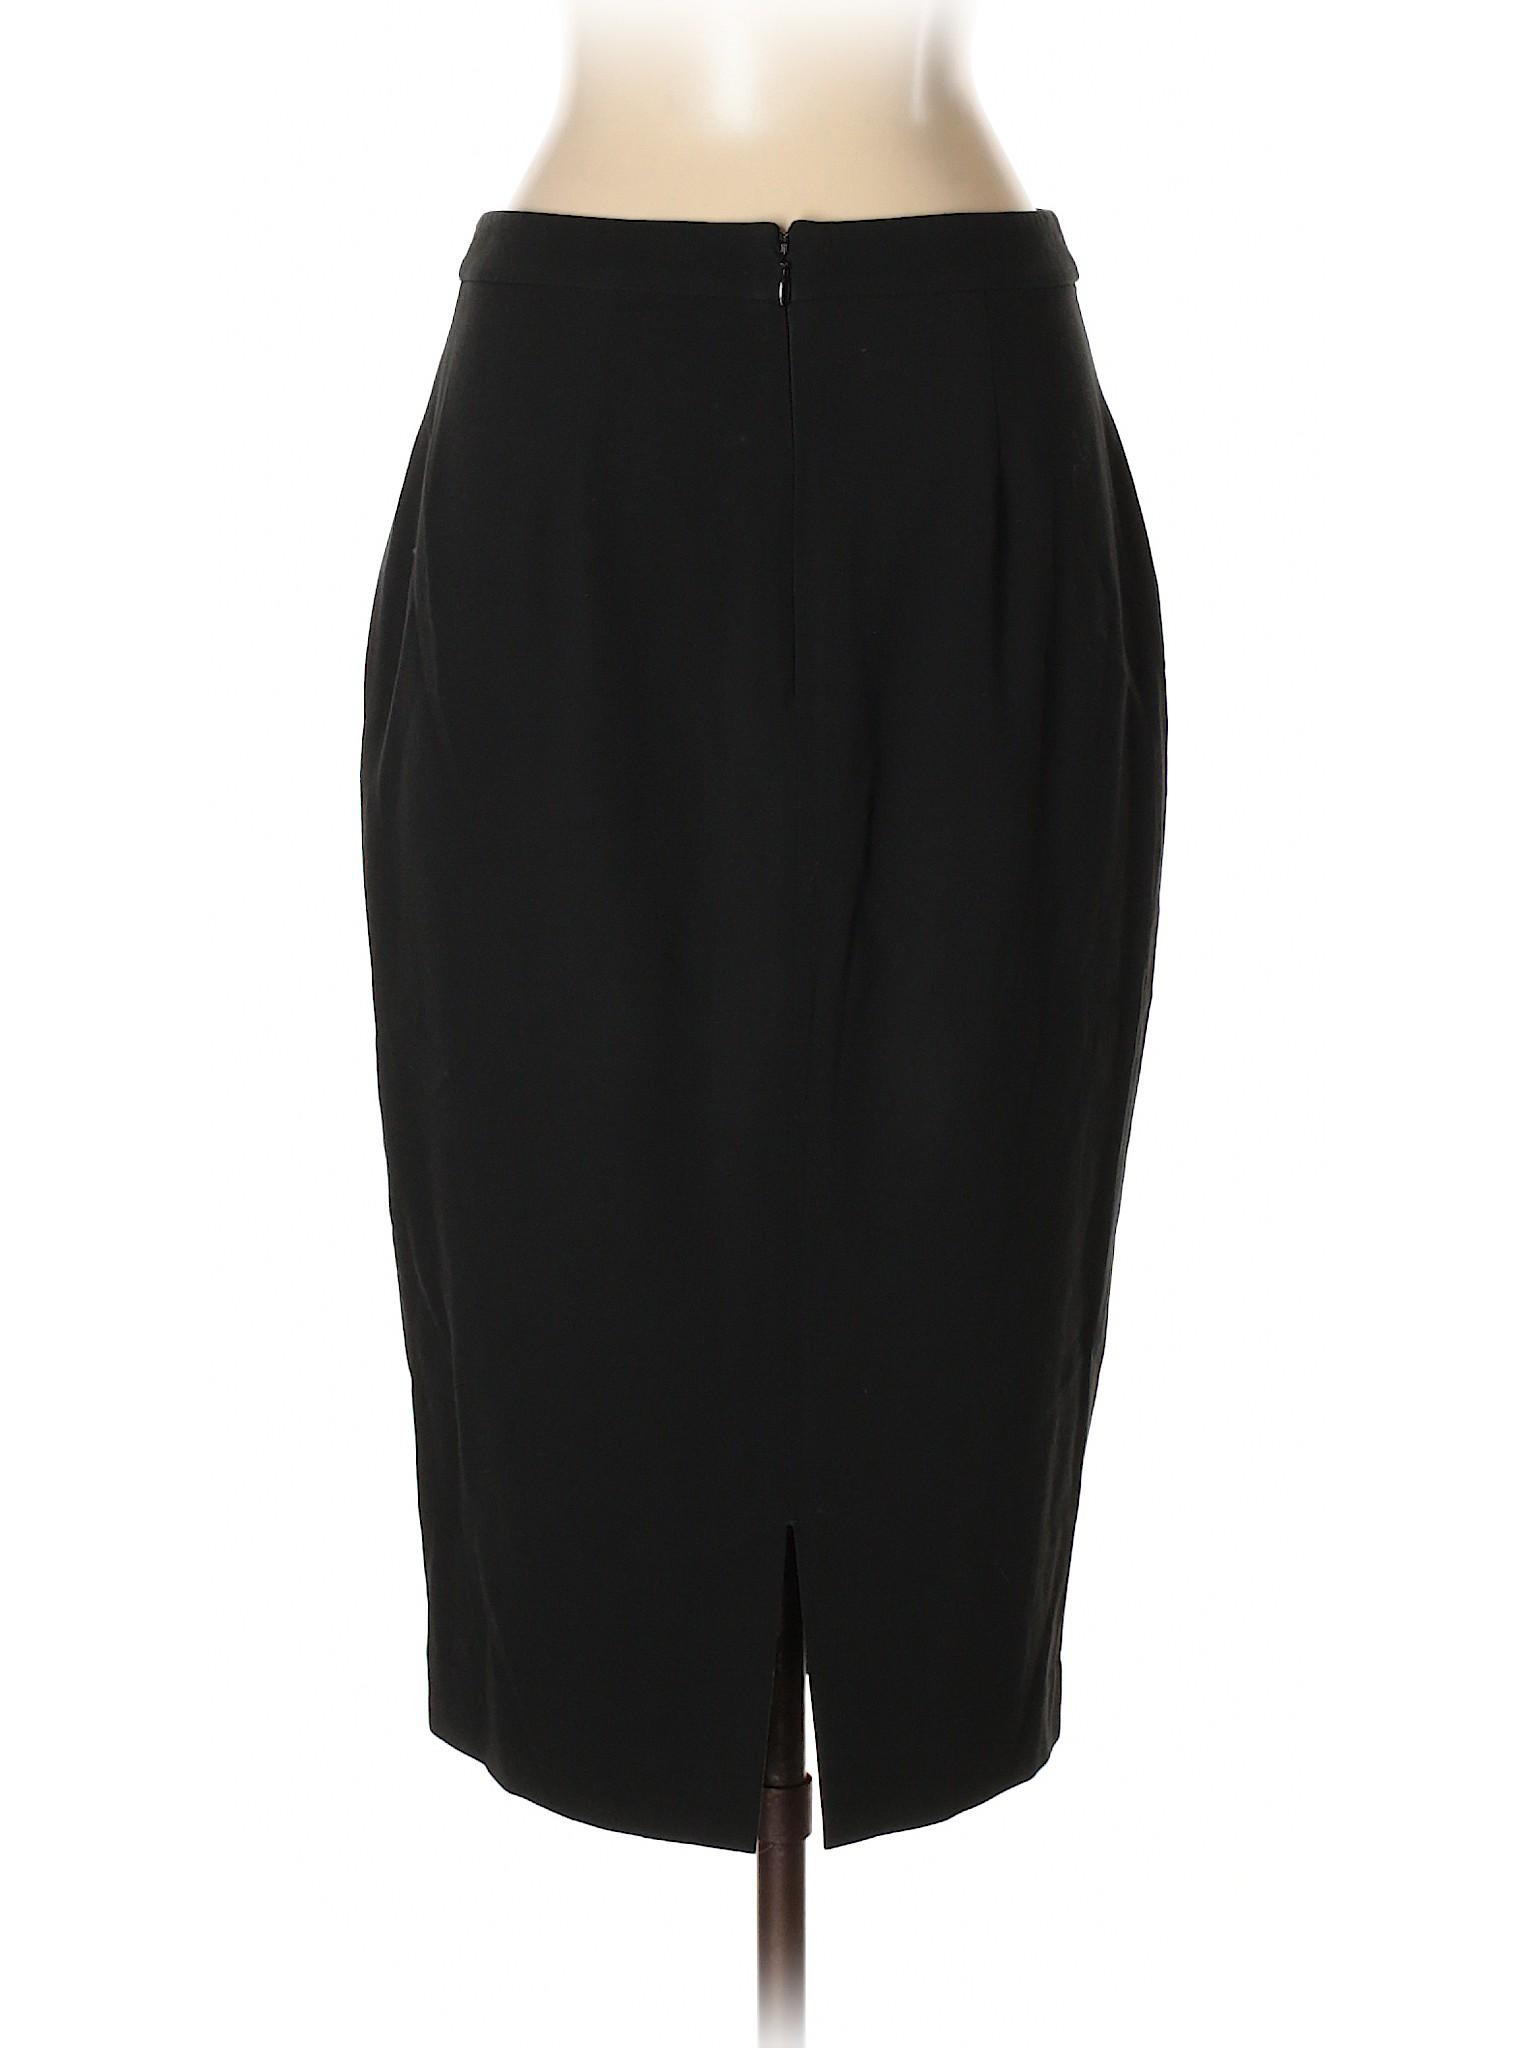 BCBGMAXAZRIA Skirt Boutique Skirt Boutique Boutique BCBGMAXAZRIA Casual BCBGMAXAZRIA Casual q77O6ExPw